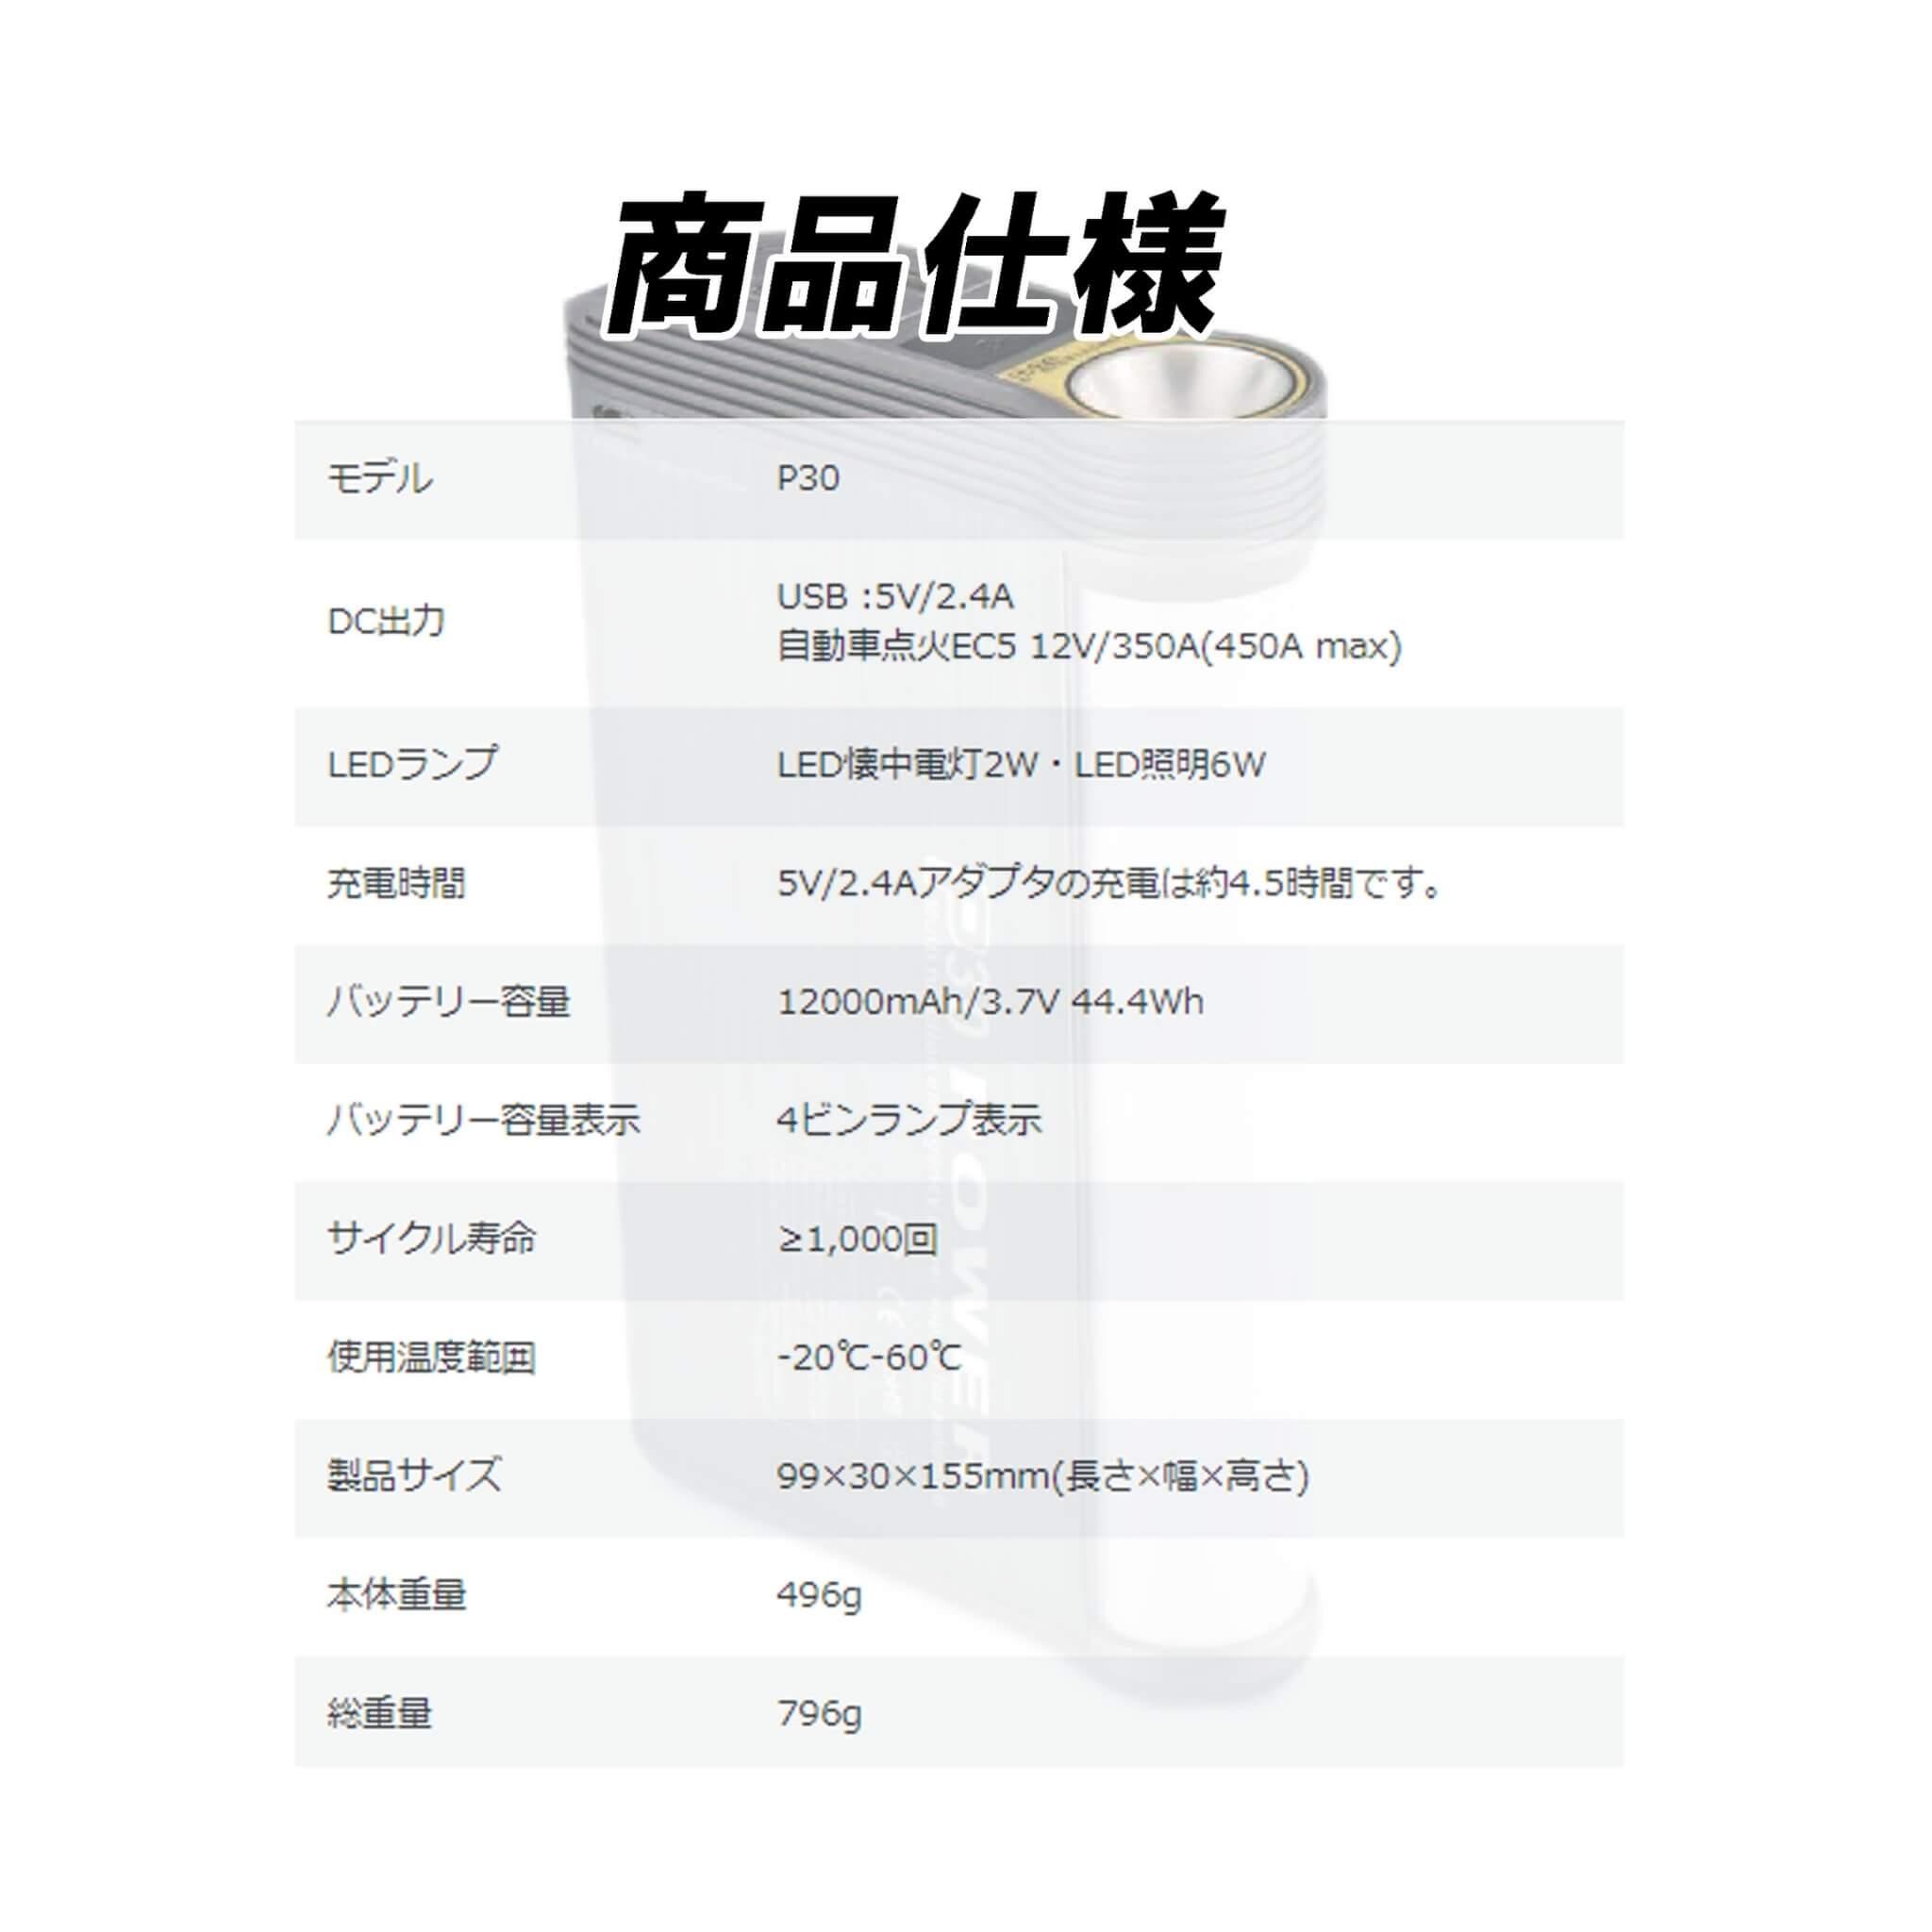 ポータブル電源・蓄電池 44.4Wh